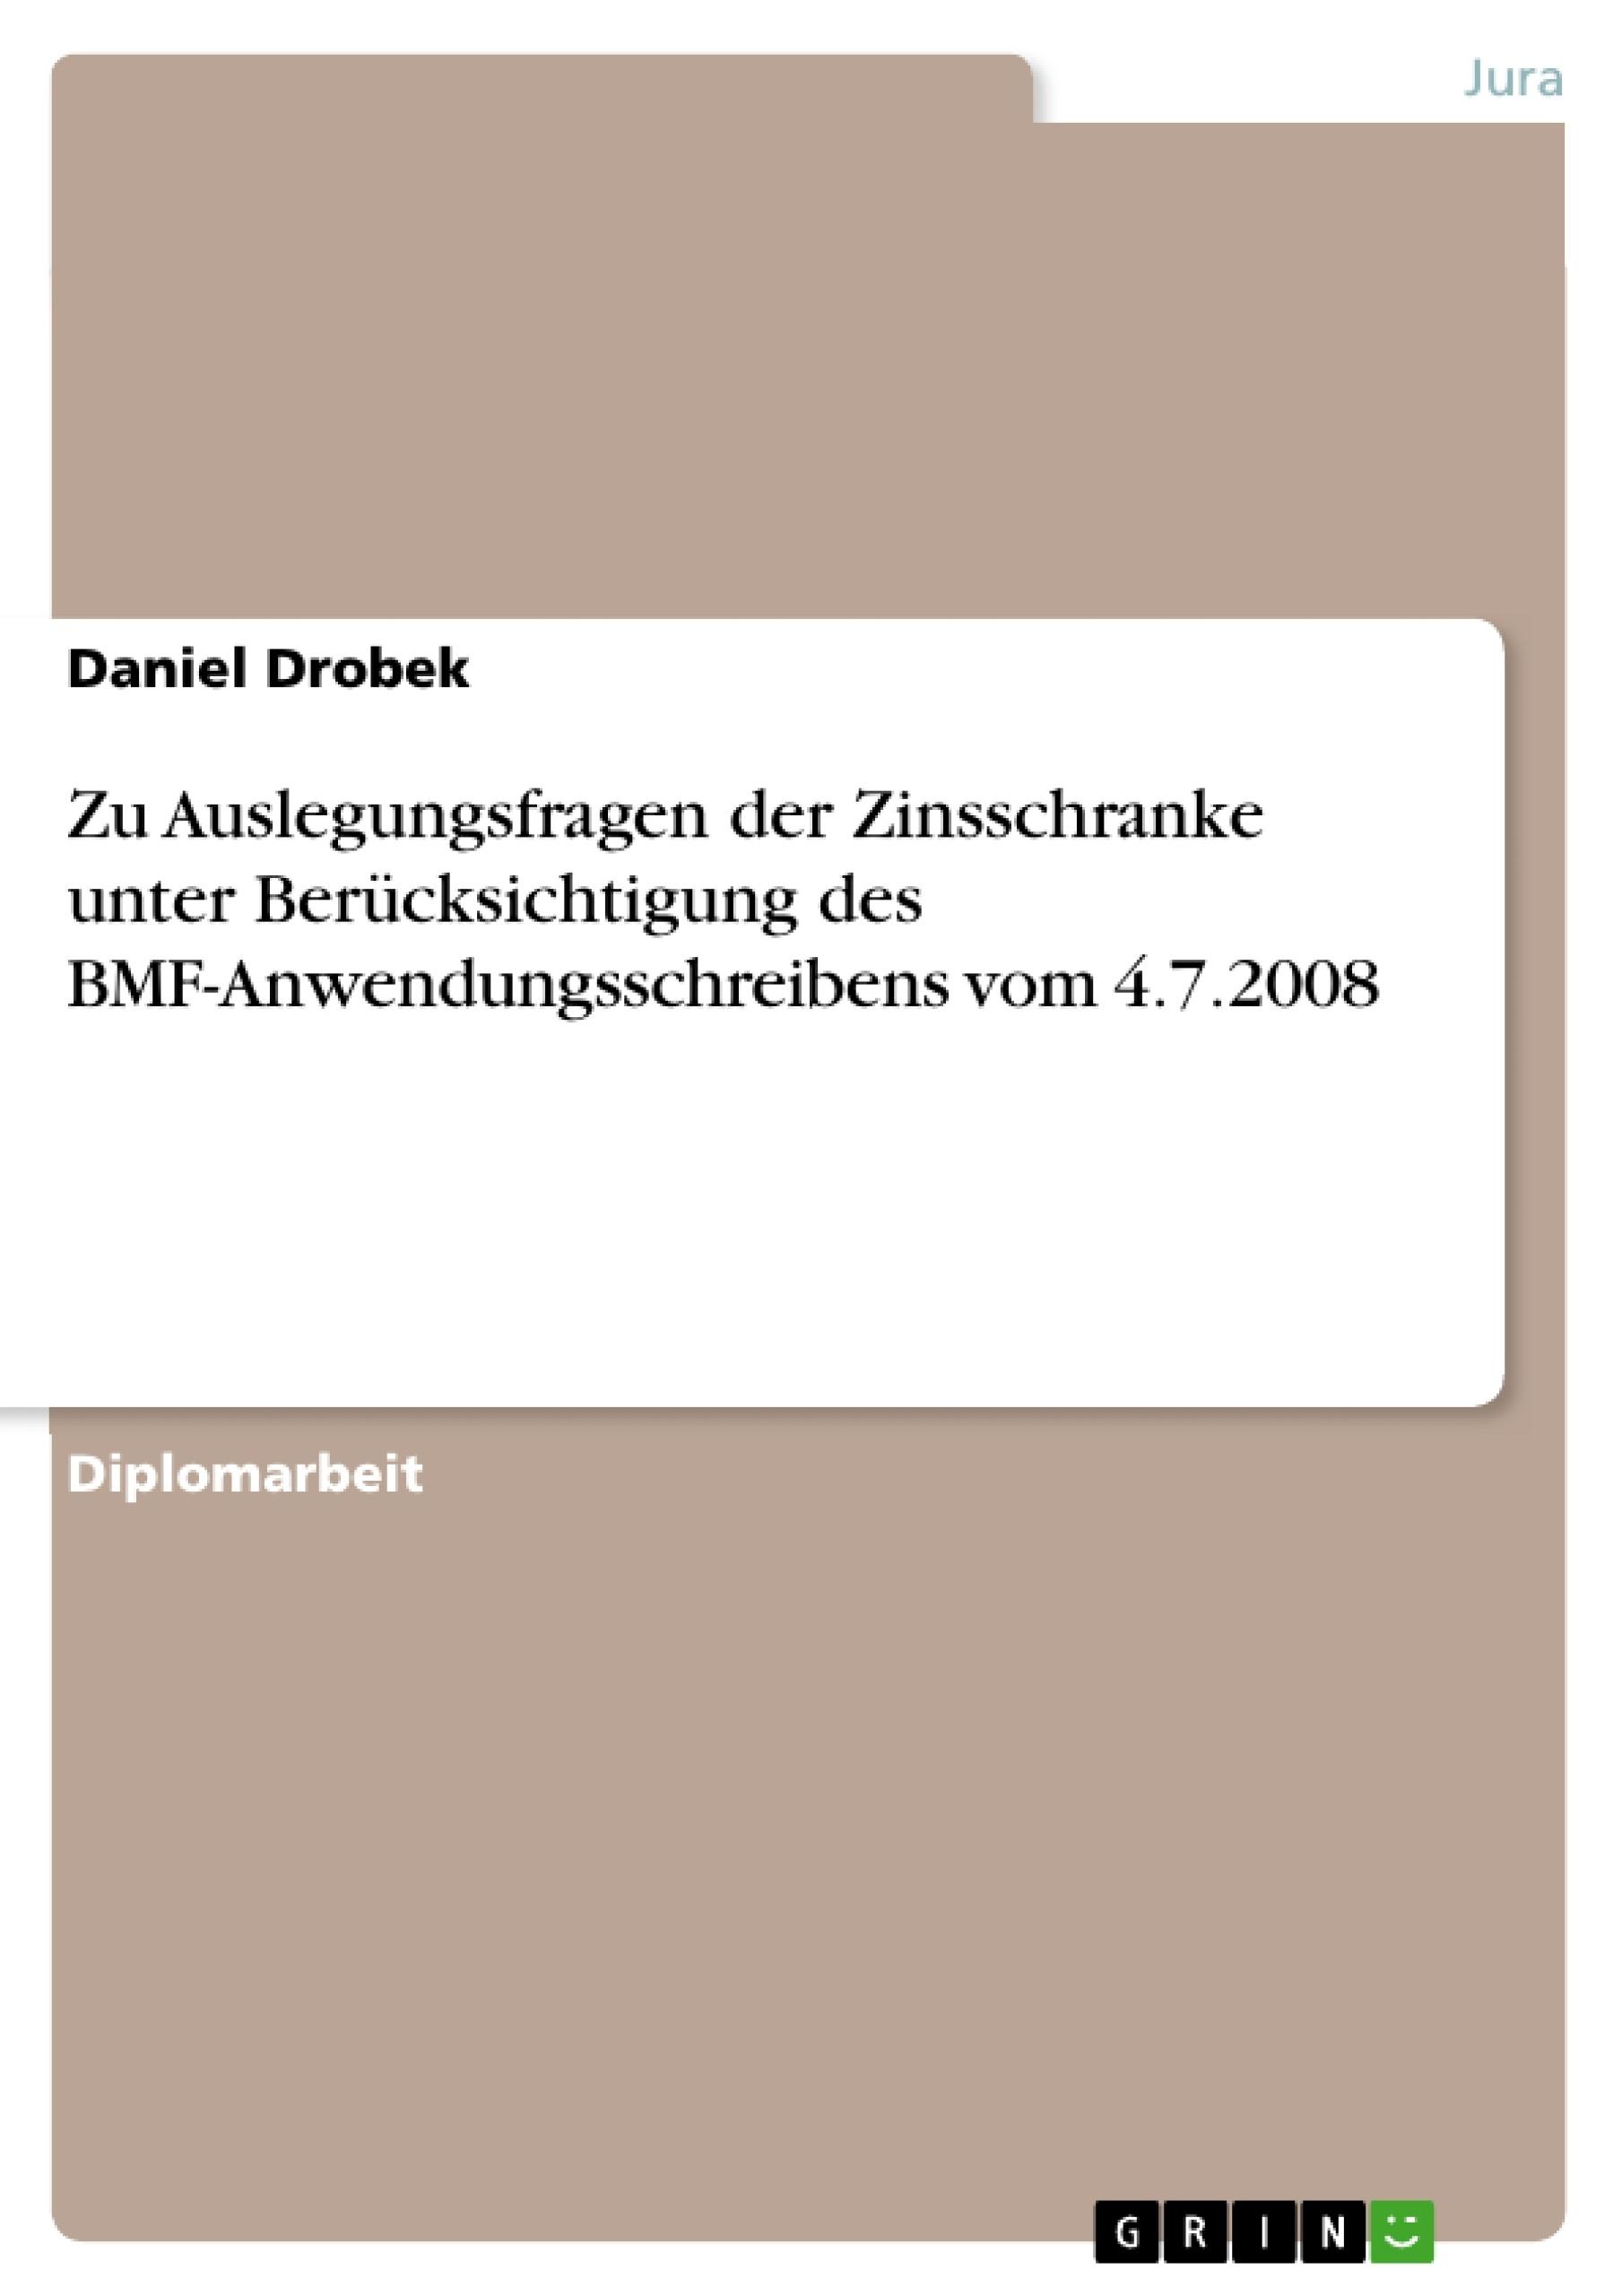 Titel: Zu Auslegungsfragen der Zinsschranke unter Berücksichtigung des BMF-Anwendungsschreibens vom 4.7.2008